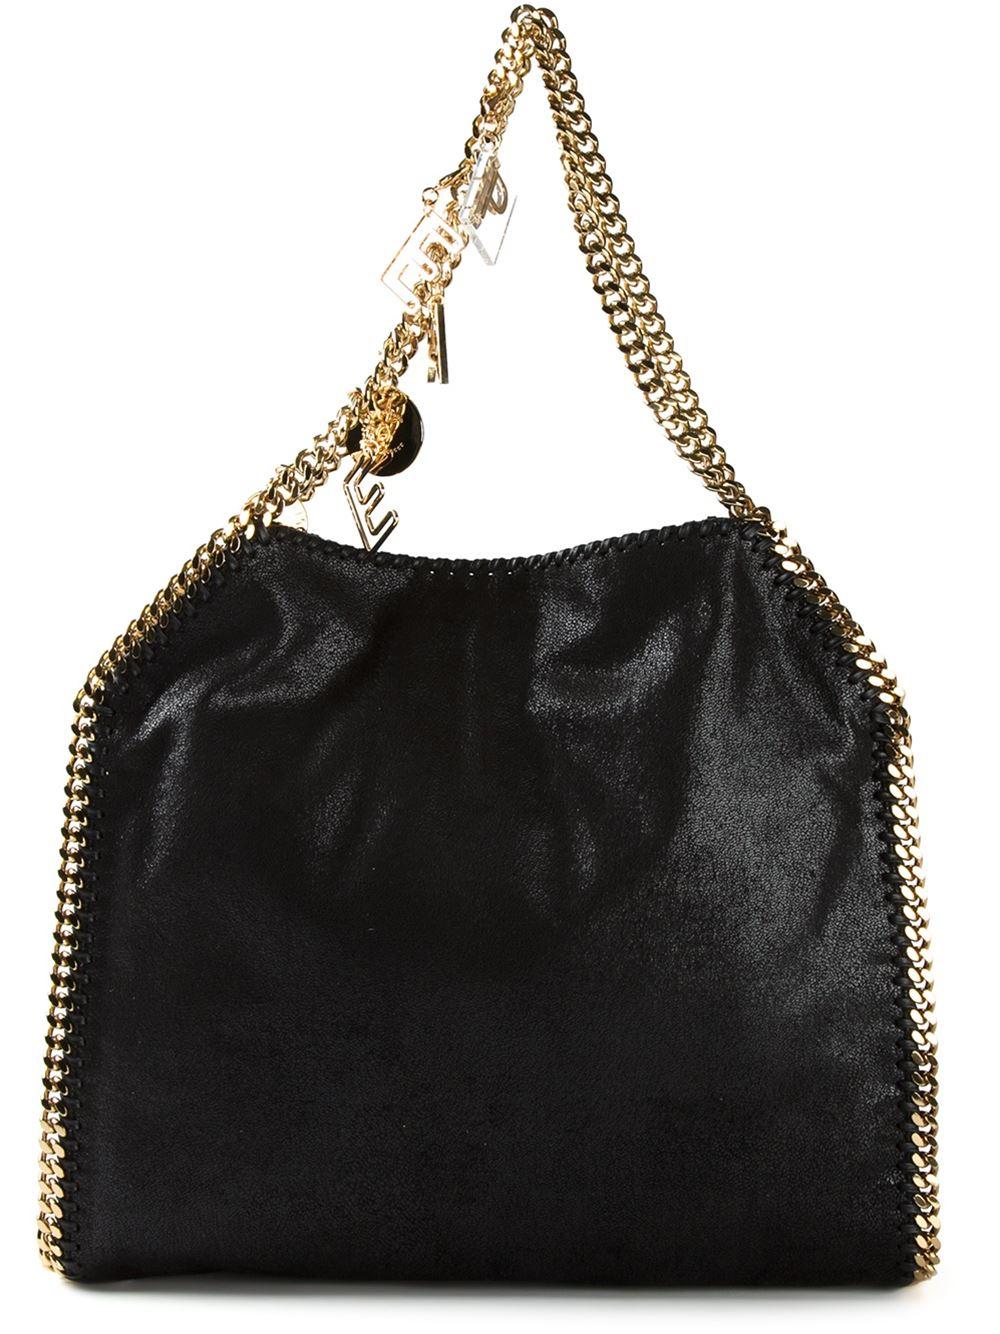 423dc119237d Stella Mccartney Falabella Shoulder Bag Gold